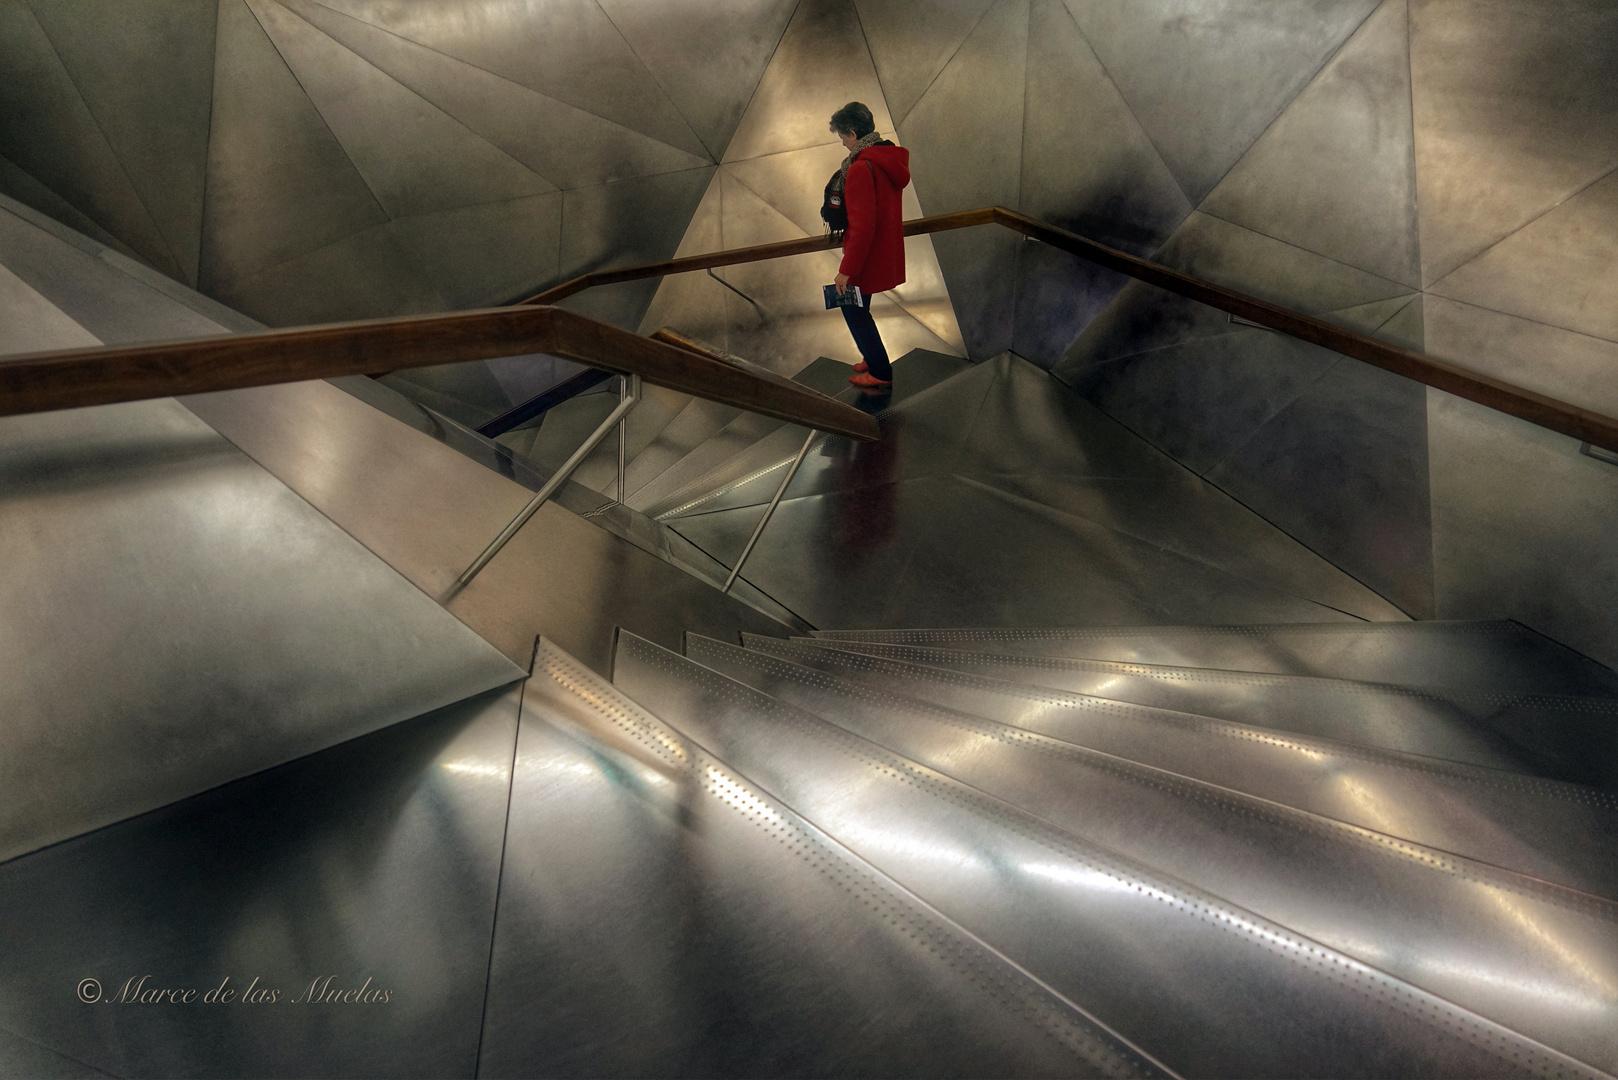 Escalera Caixa Forum Madrid